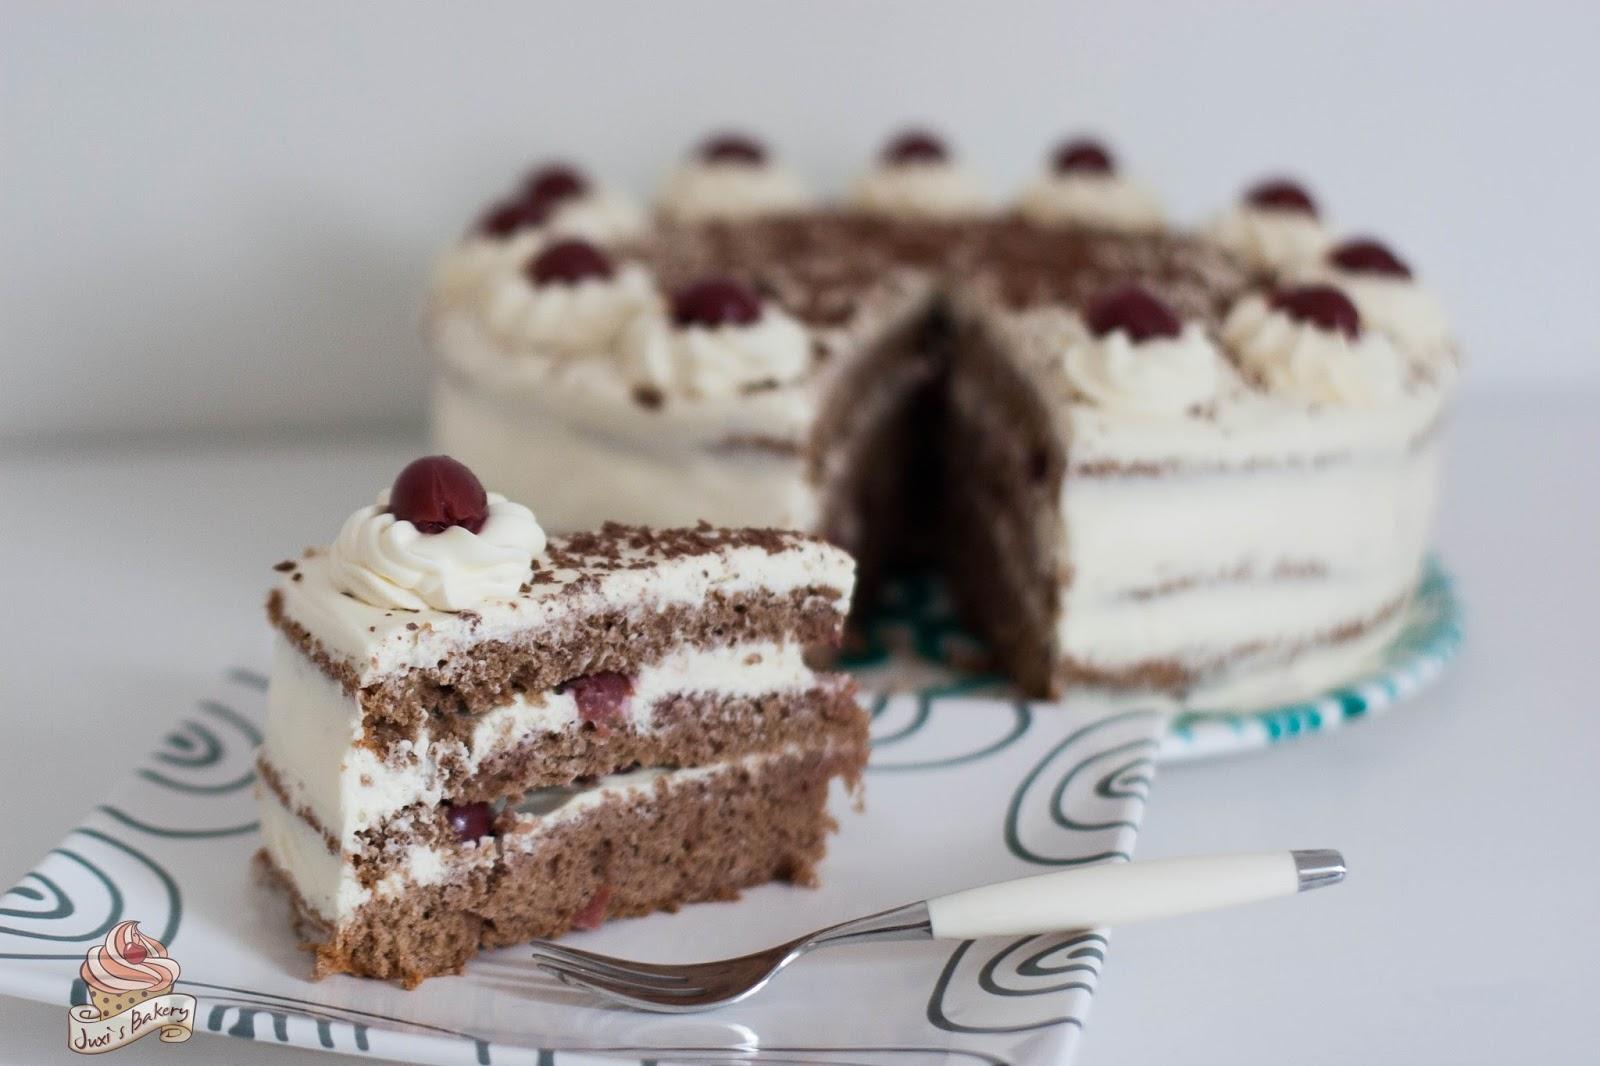 Juxis Bakery Schwarzwälder Kirsch Torte